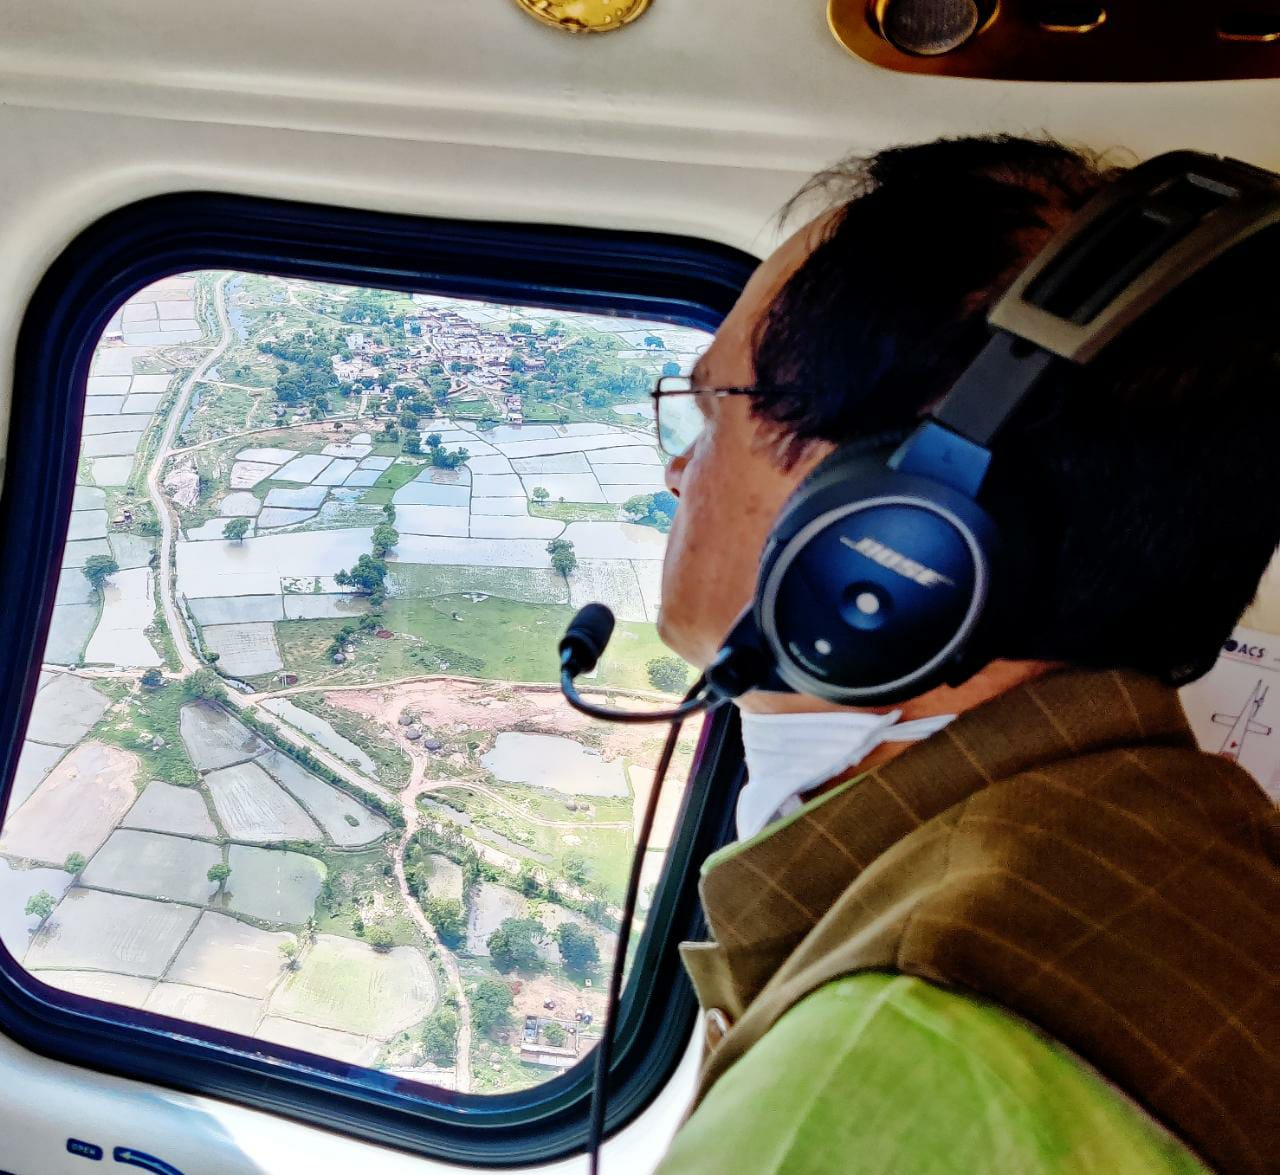 मुख्यमंत्री ने किया ग्वालियर चंबल के बाढ़ प्रभावित क्षेत्रों का हवाई दौरा